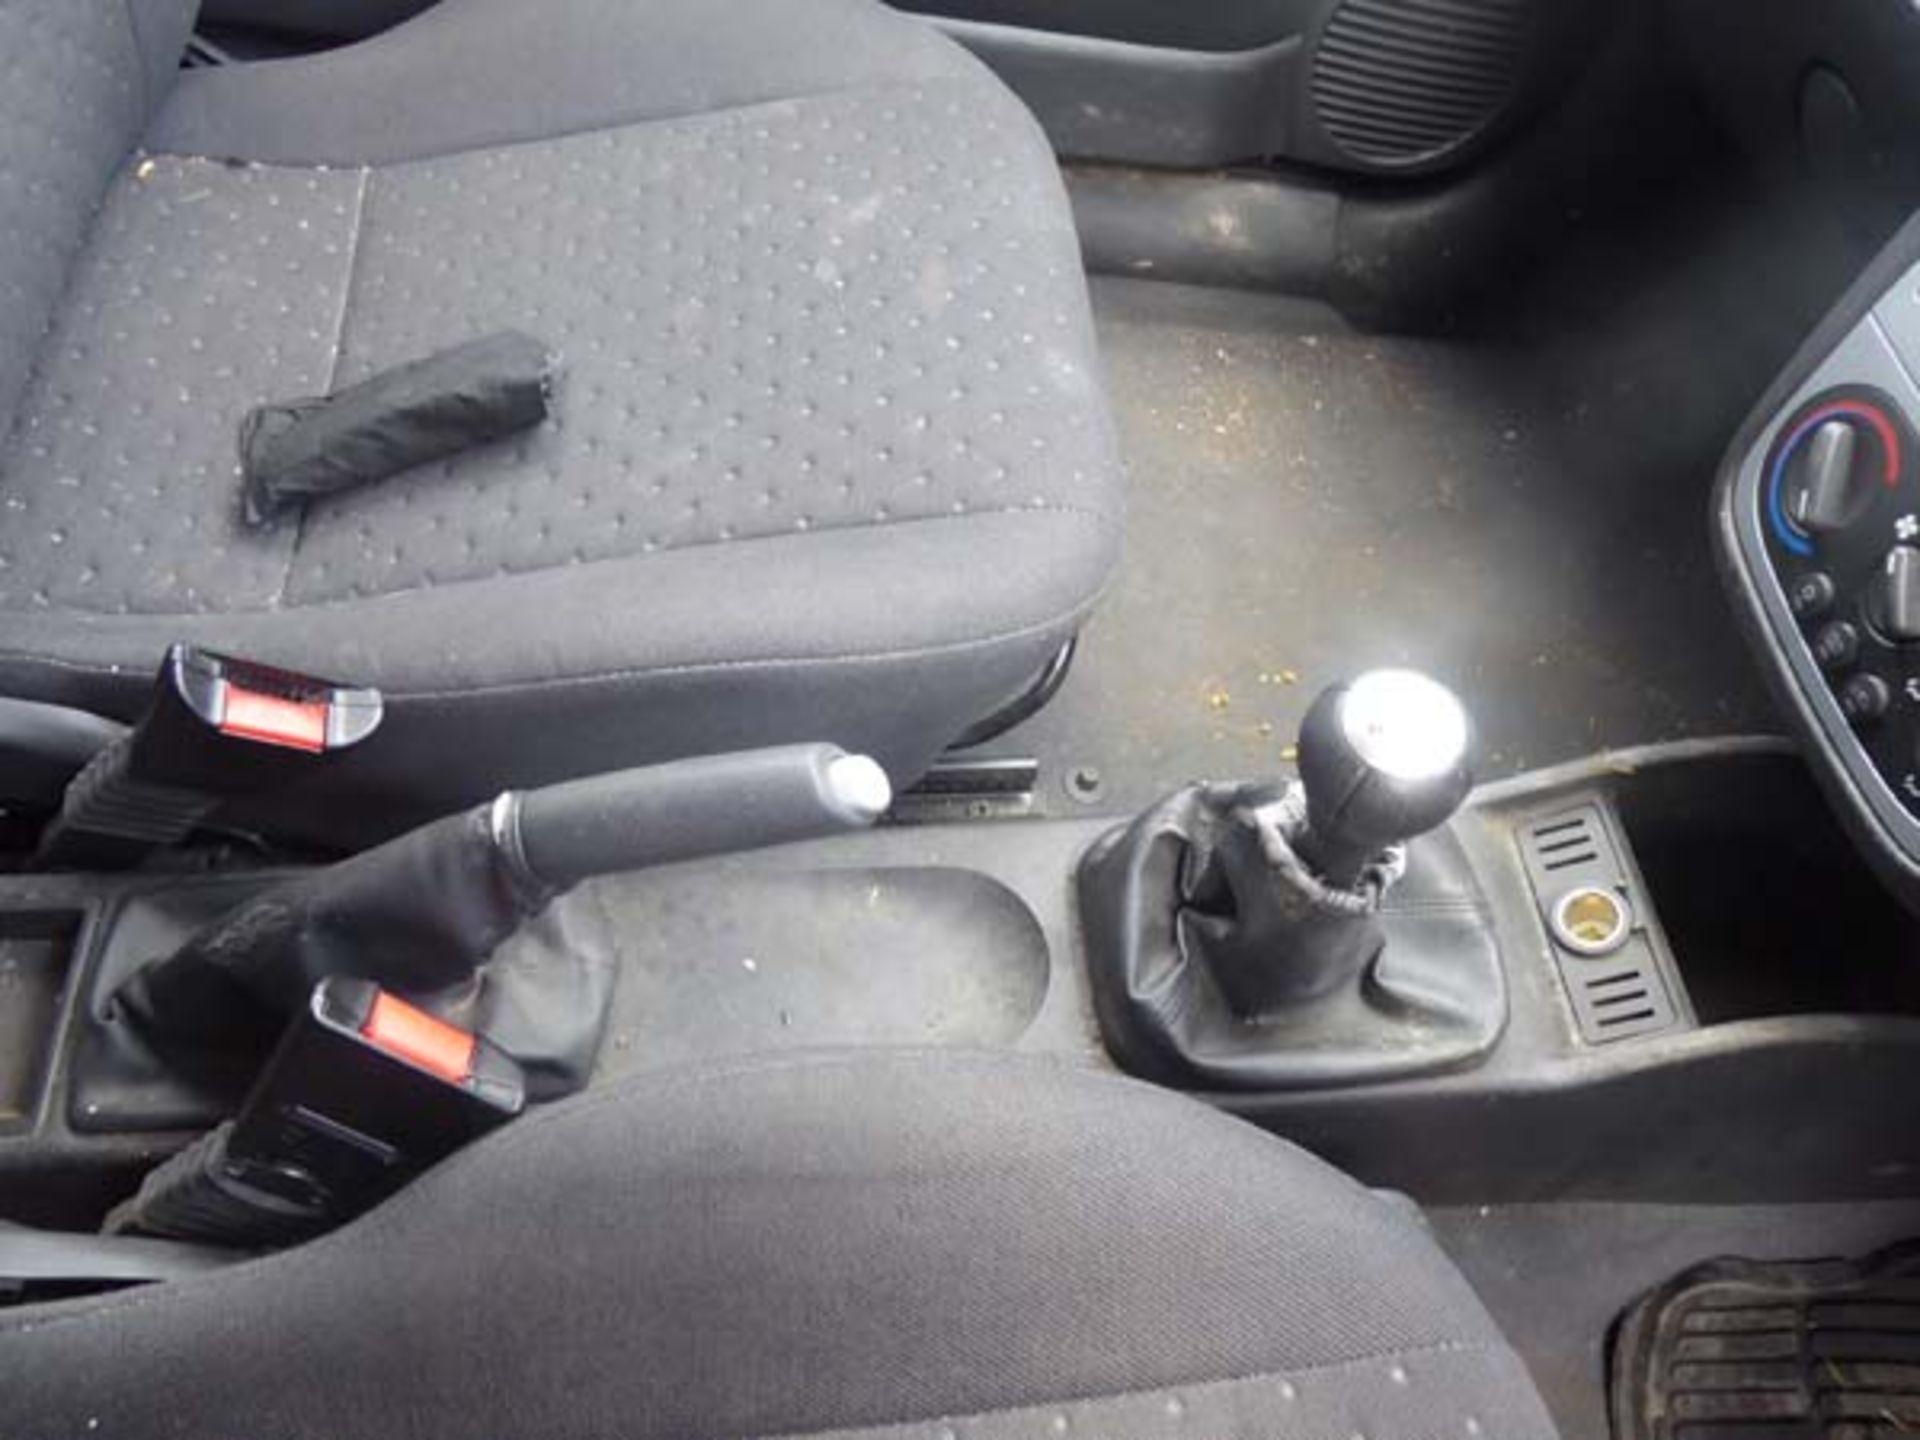 KL53 KTA (2003) Vauxhall Corsa Active 16V, 3 door hatchback, 1199cc, petrol, in silver, 39'044 - Image 7 of 12